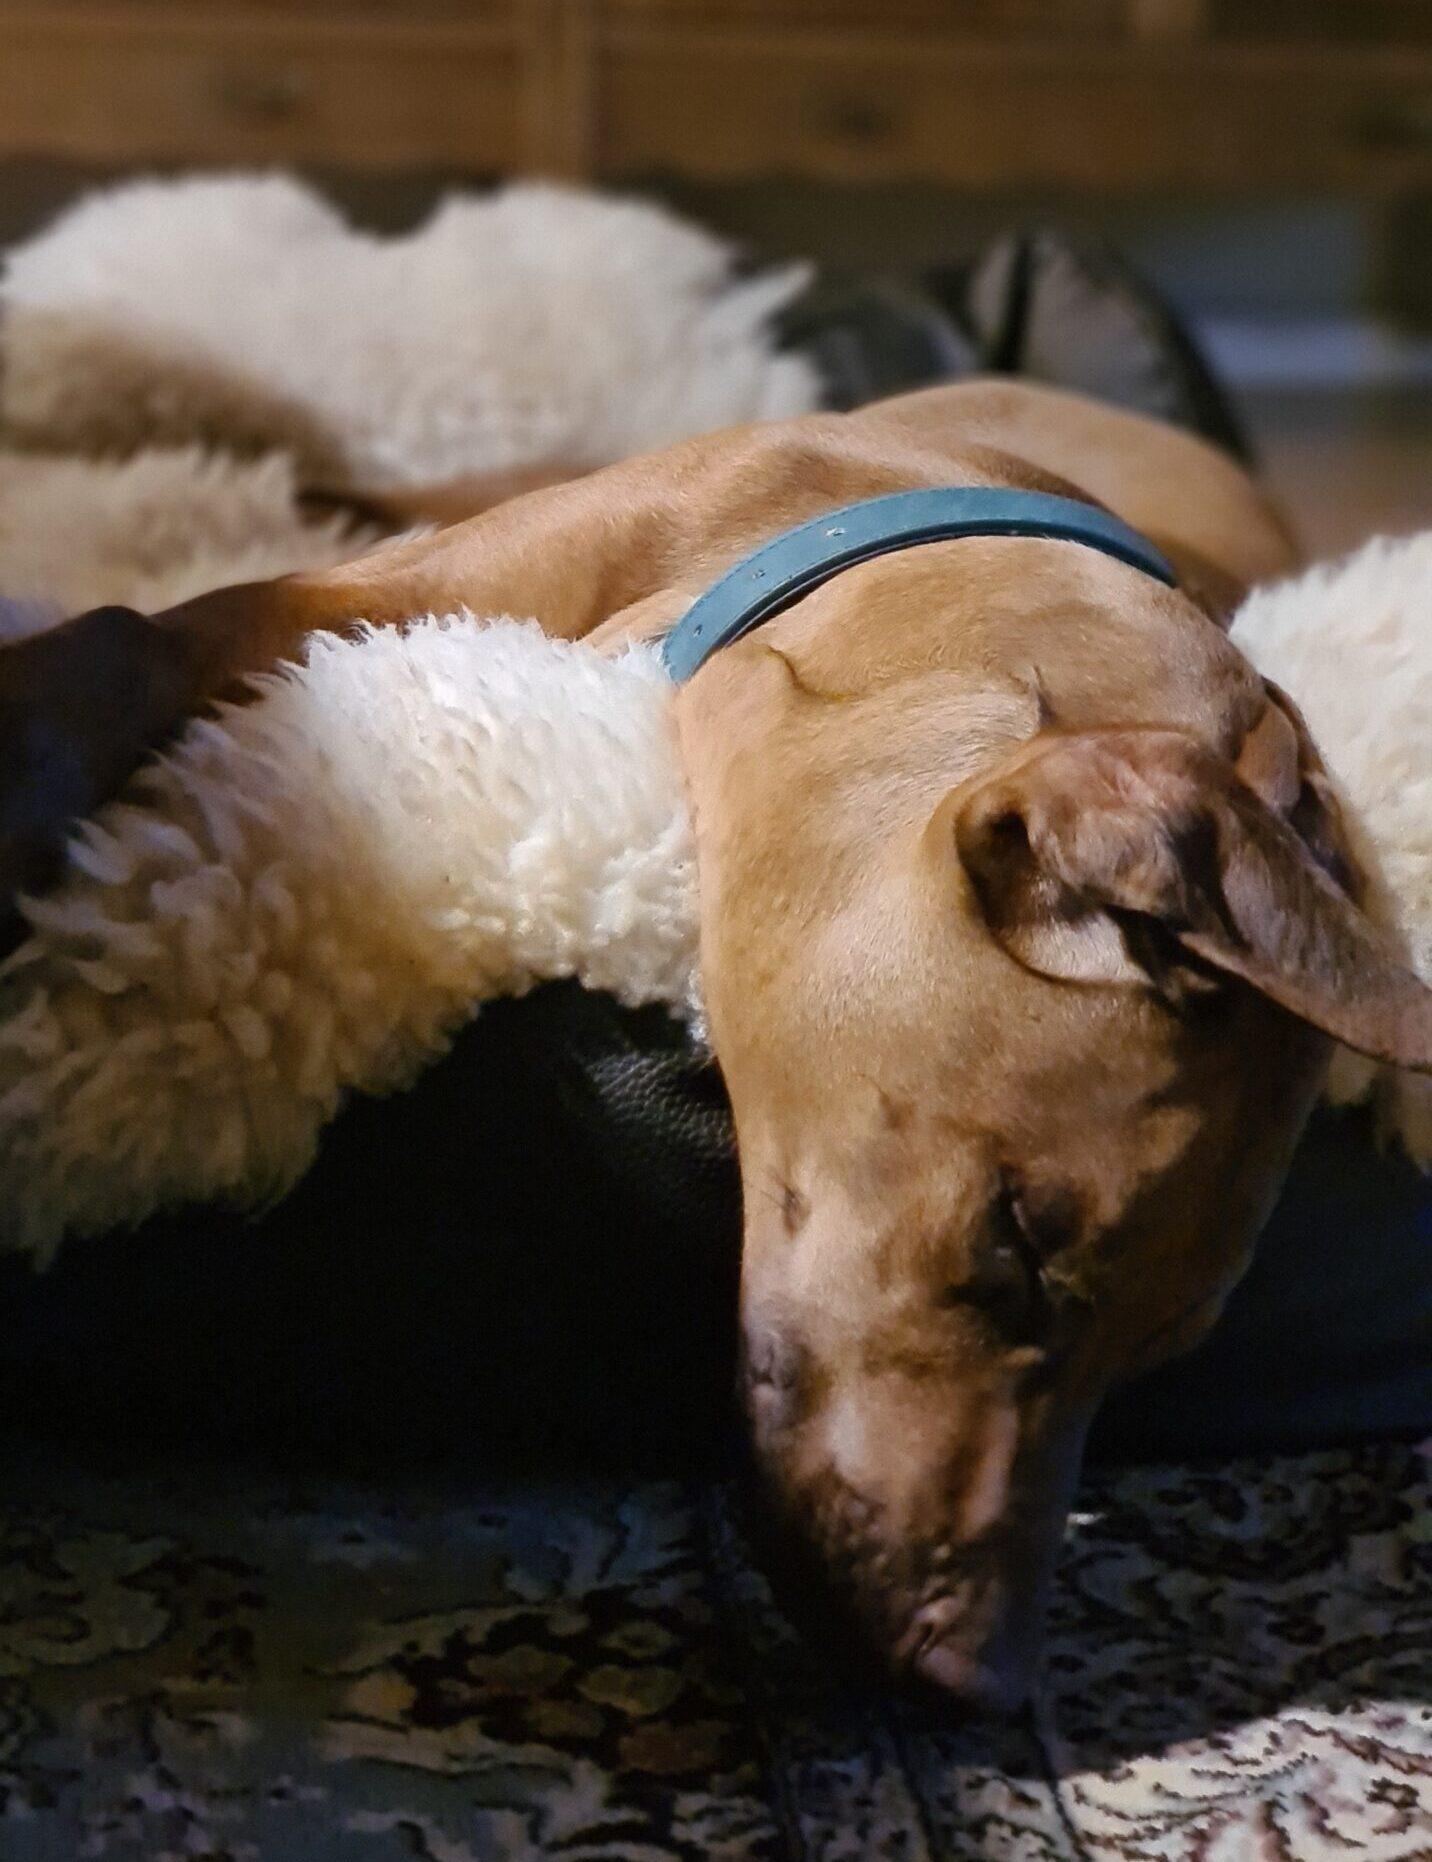 Træthed-søvnproblemer? Få det bedre med Biodynamisk Kranio-Sakral Terapi v/ Lis Hauge, 40199714